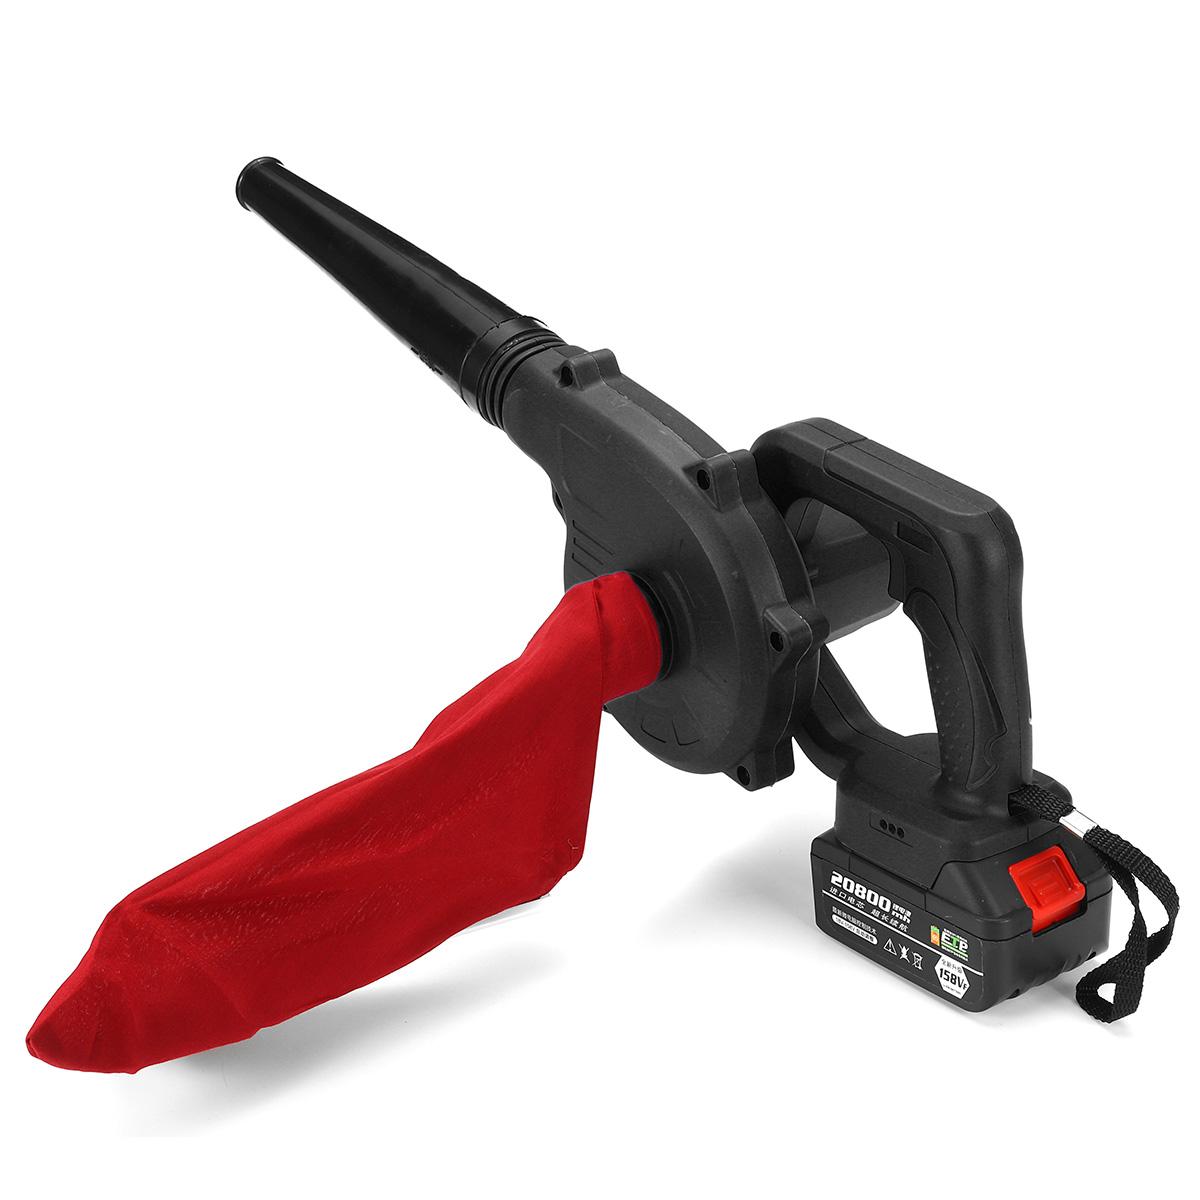 110-240v 2000W 158TV 20800mAh Wireless Blowing & Suction Dual Wind Fan Blower Black